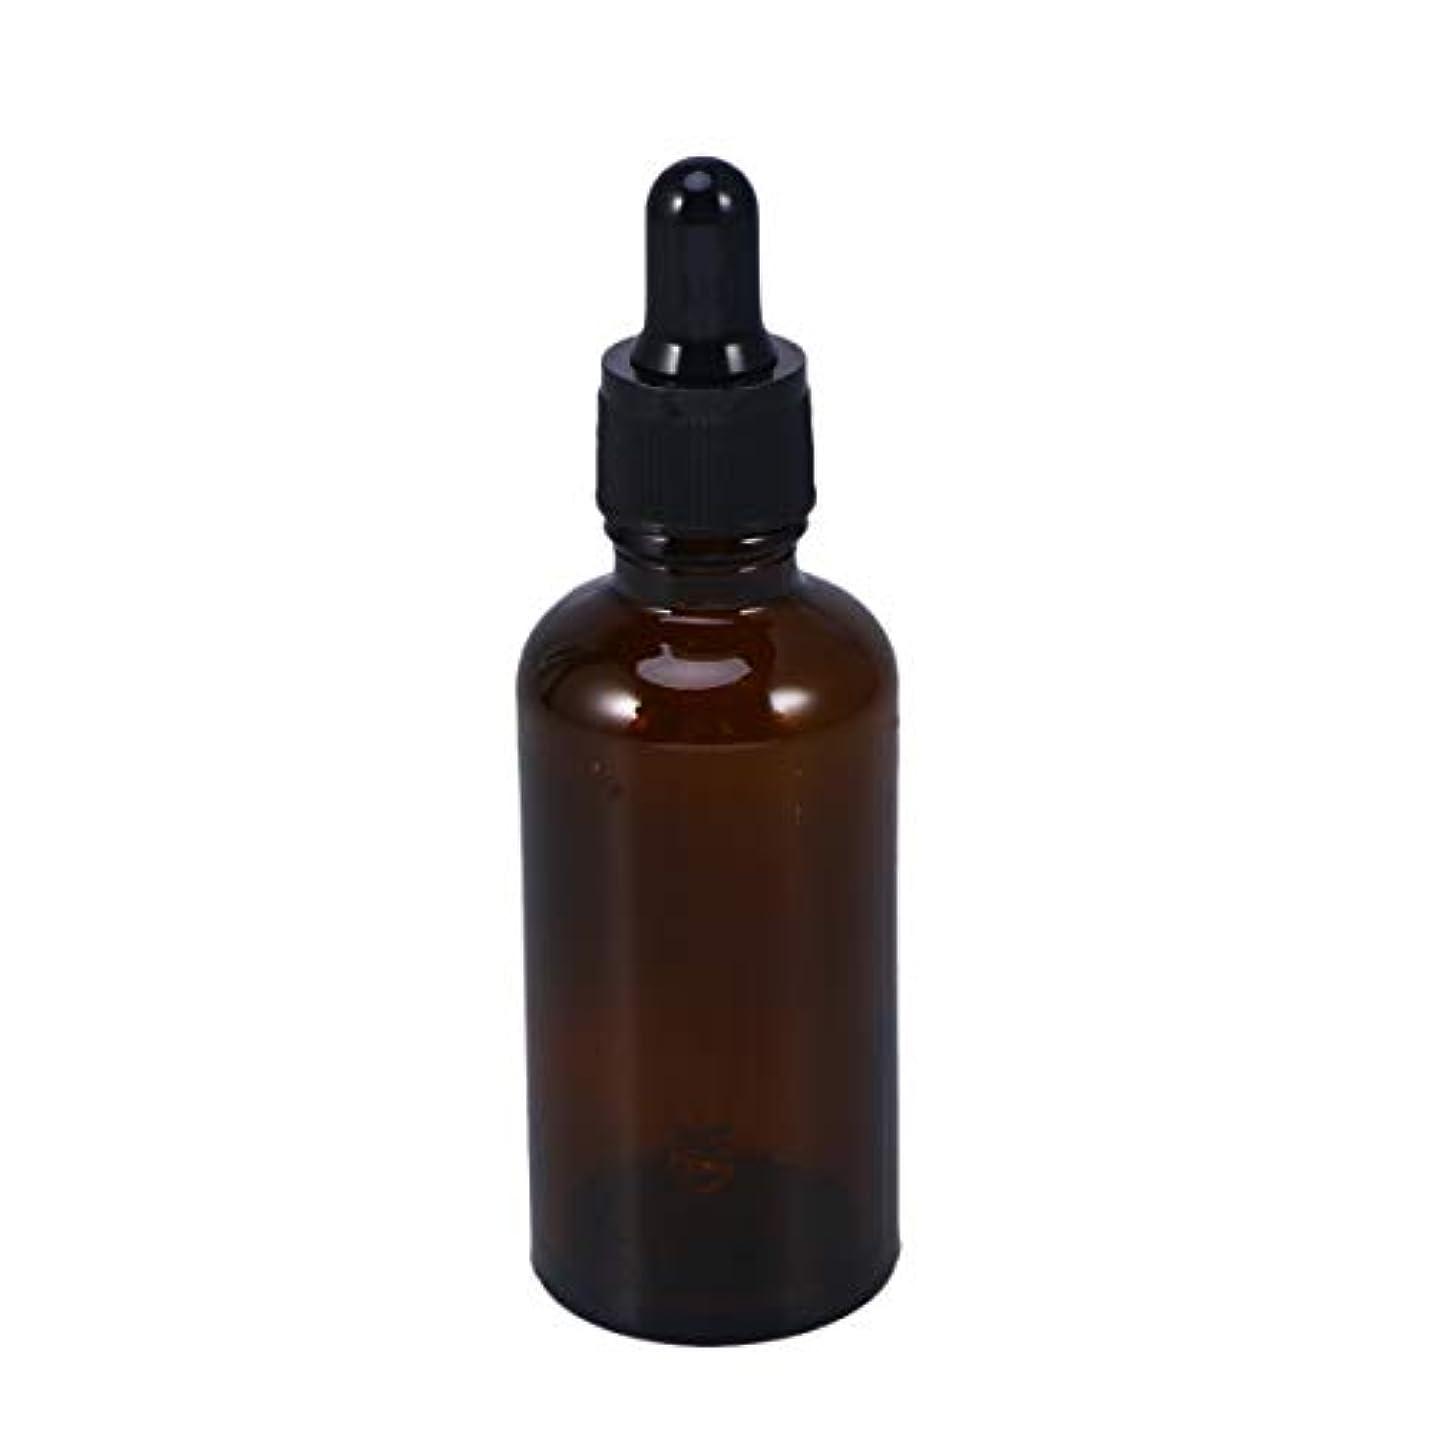 効果ハイキングに行く炭水化物Frcolor 遮光瓶 スポイト遮光瓶 スポイト付き アロマボトル 50ml 保存容器 エッセンシャルオイル 香水 保存用 詰替え ガラス 茶色